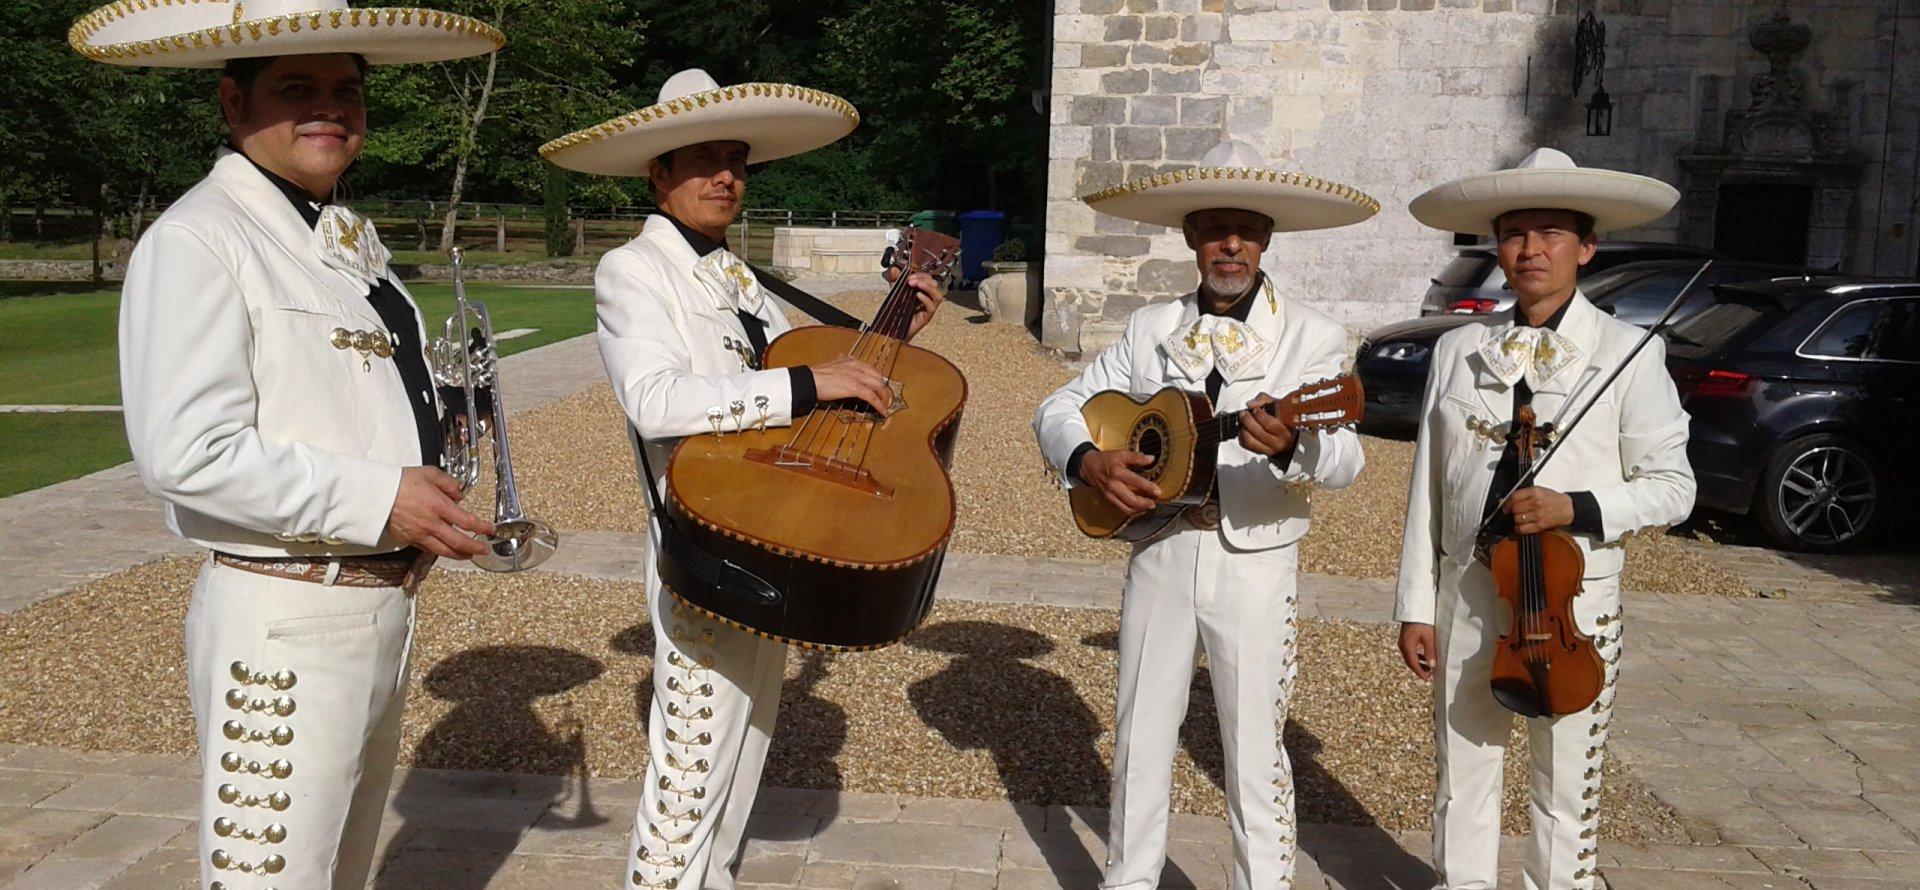 groupe de musique mariachi